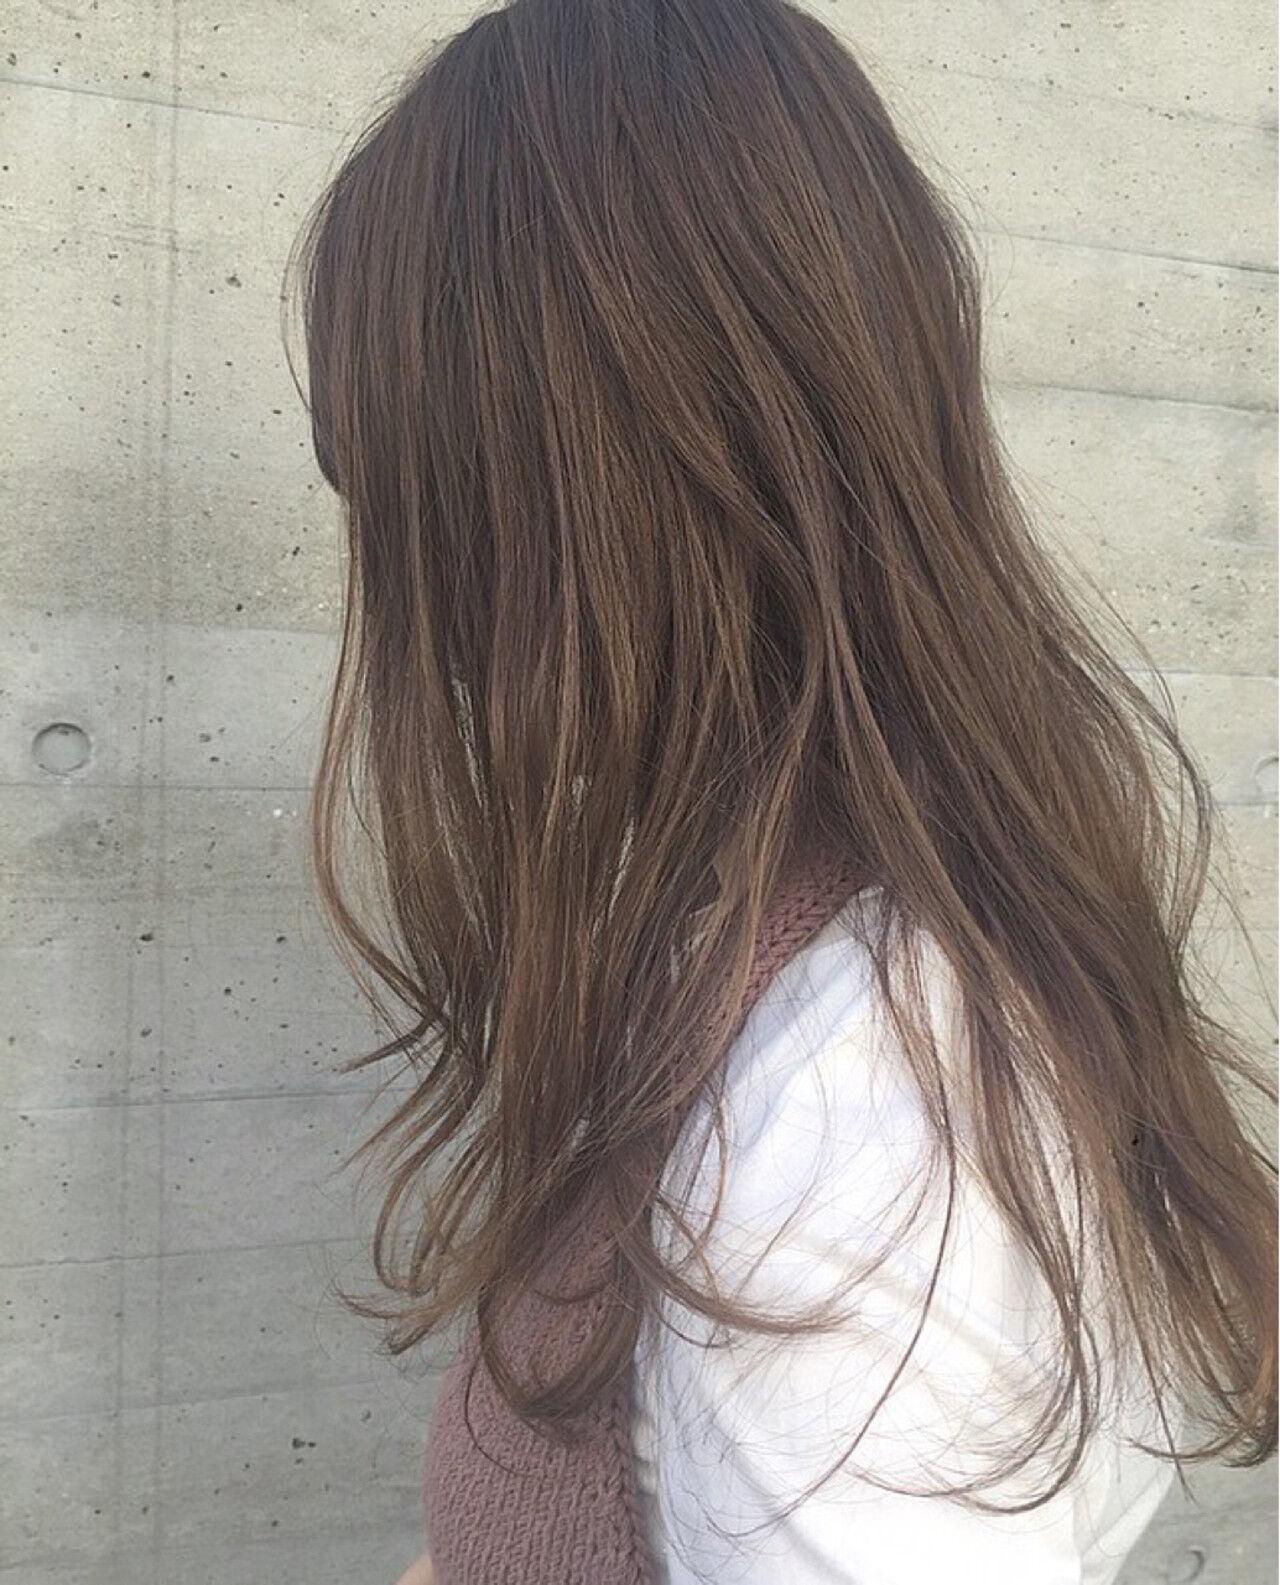 ナチュラル グレージュ セミロング ハイライトヘアスタイルや髪型の写真・画像